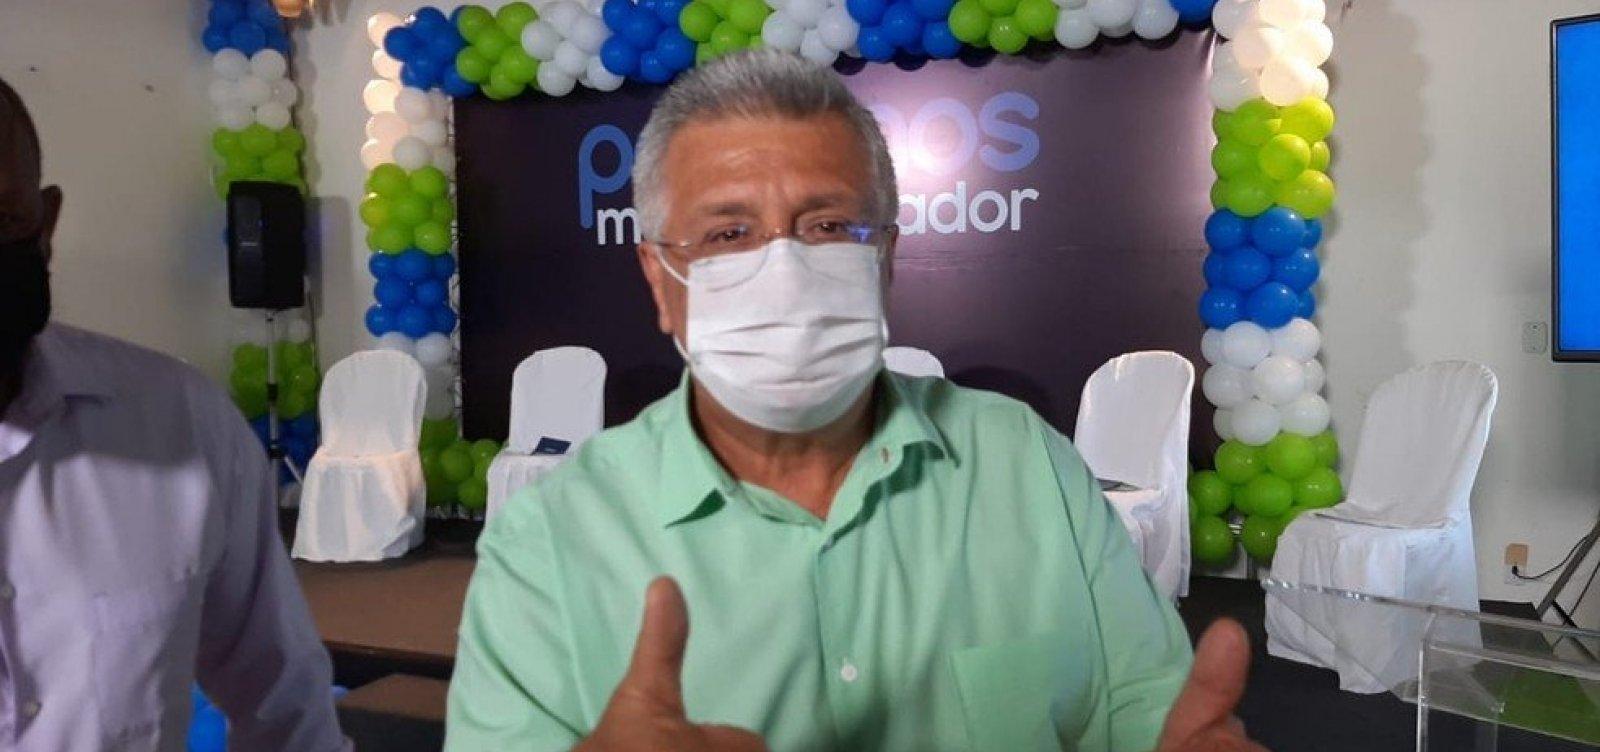 Podemos oficializa candidatura de Bacelar a prefeito de Salvador